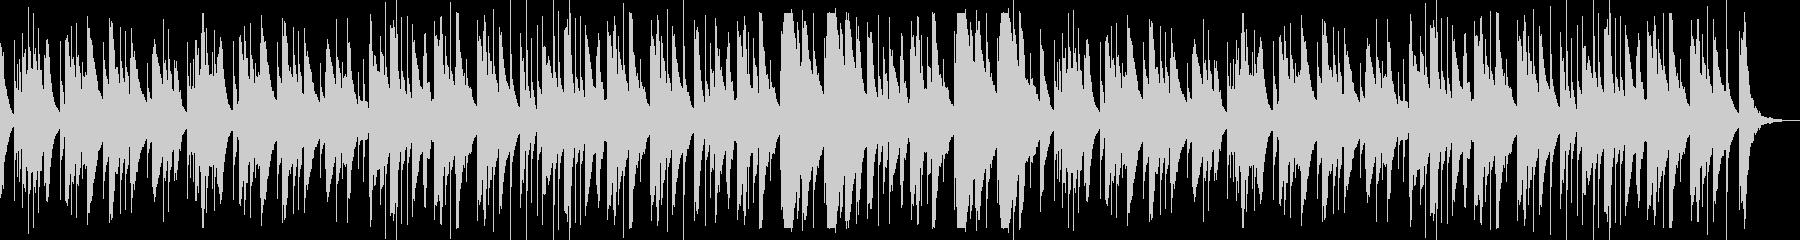 優しい旋律が印象的なオルゴールの未再生の波形